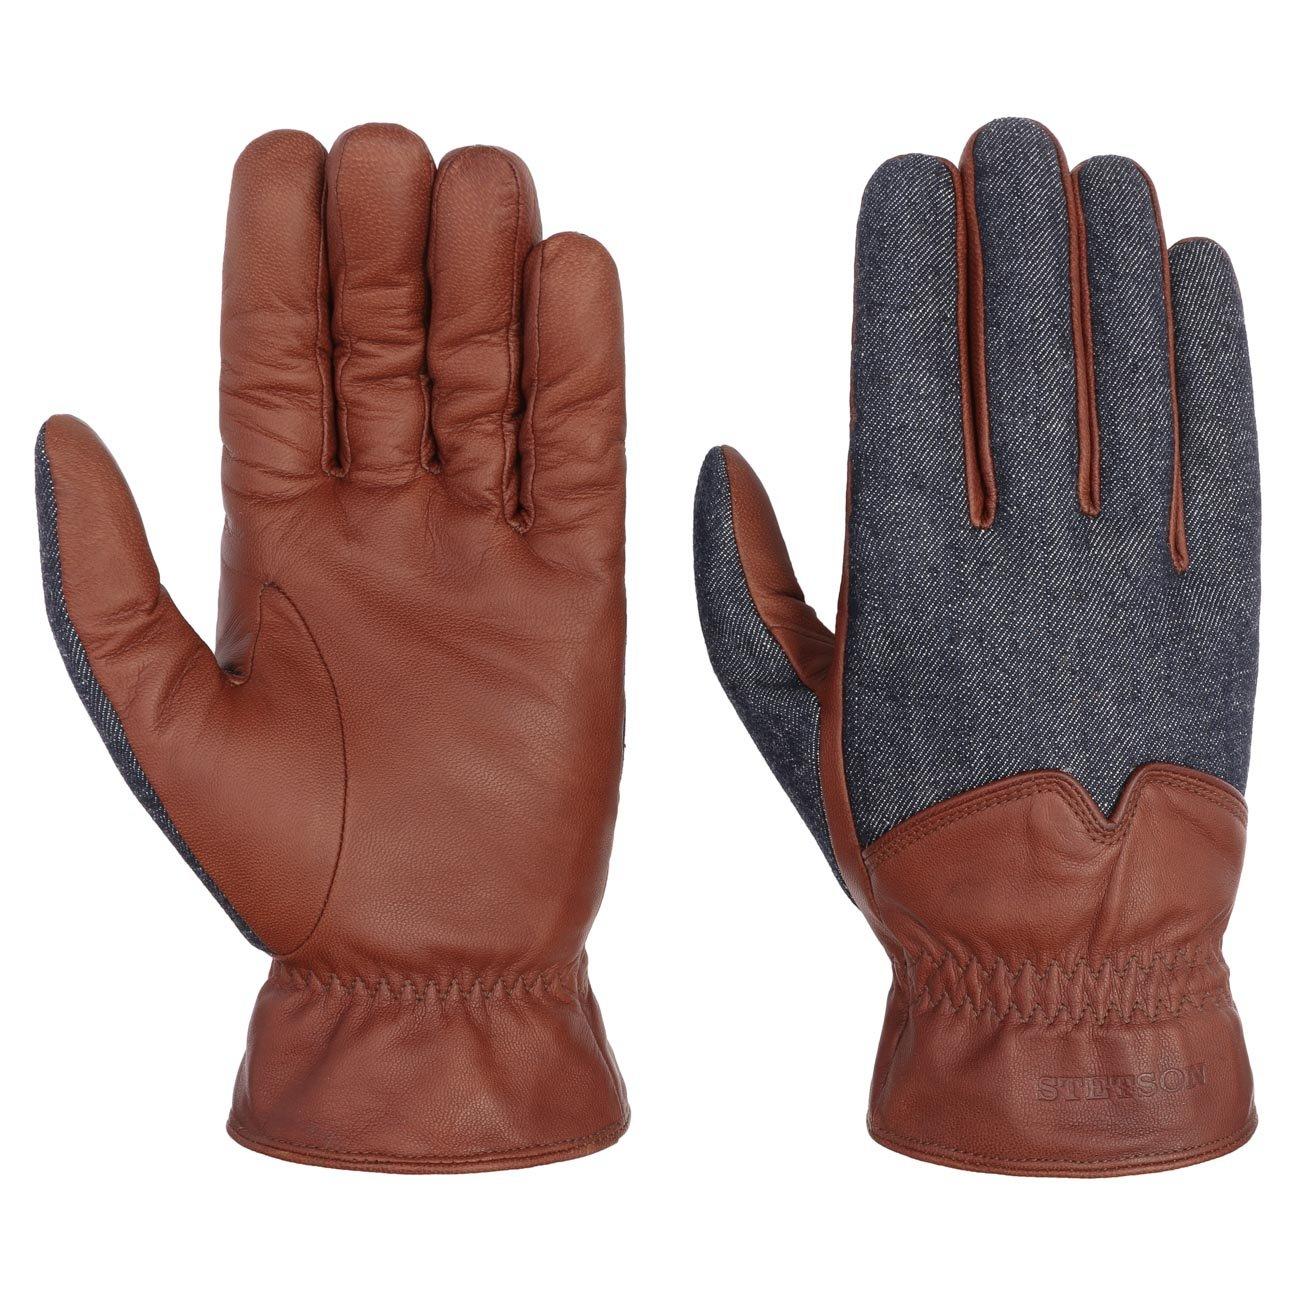 Stetson Nappa-Denim Lederhandschuhe Fingerhandschuhe Herrenhandschuhe Handschuhe Nappaleder Herren | mit Futter, Futter Herbst-Winter Futter Herbst-Winter | 9 HS denim